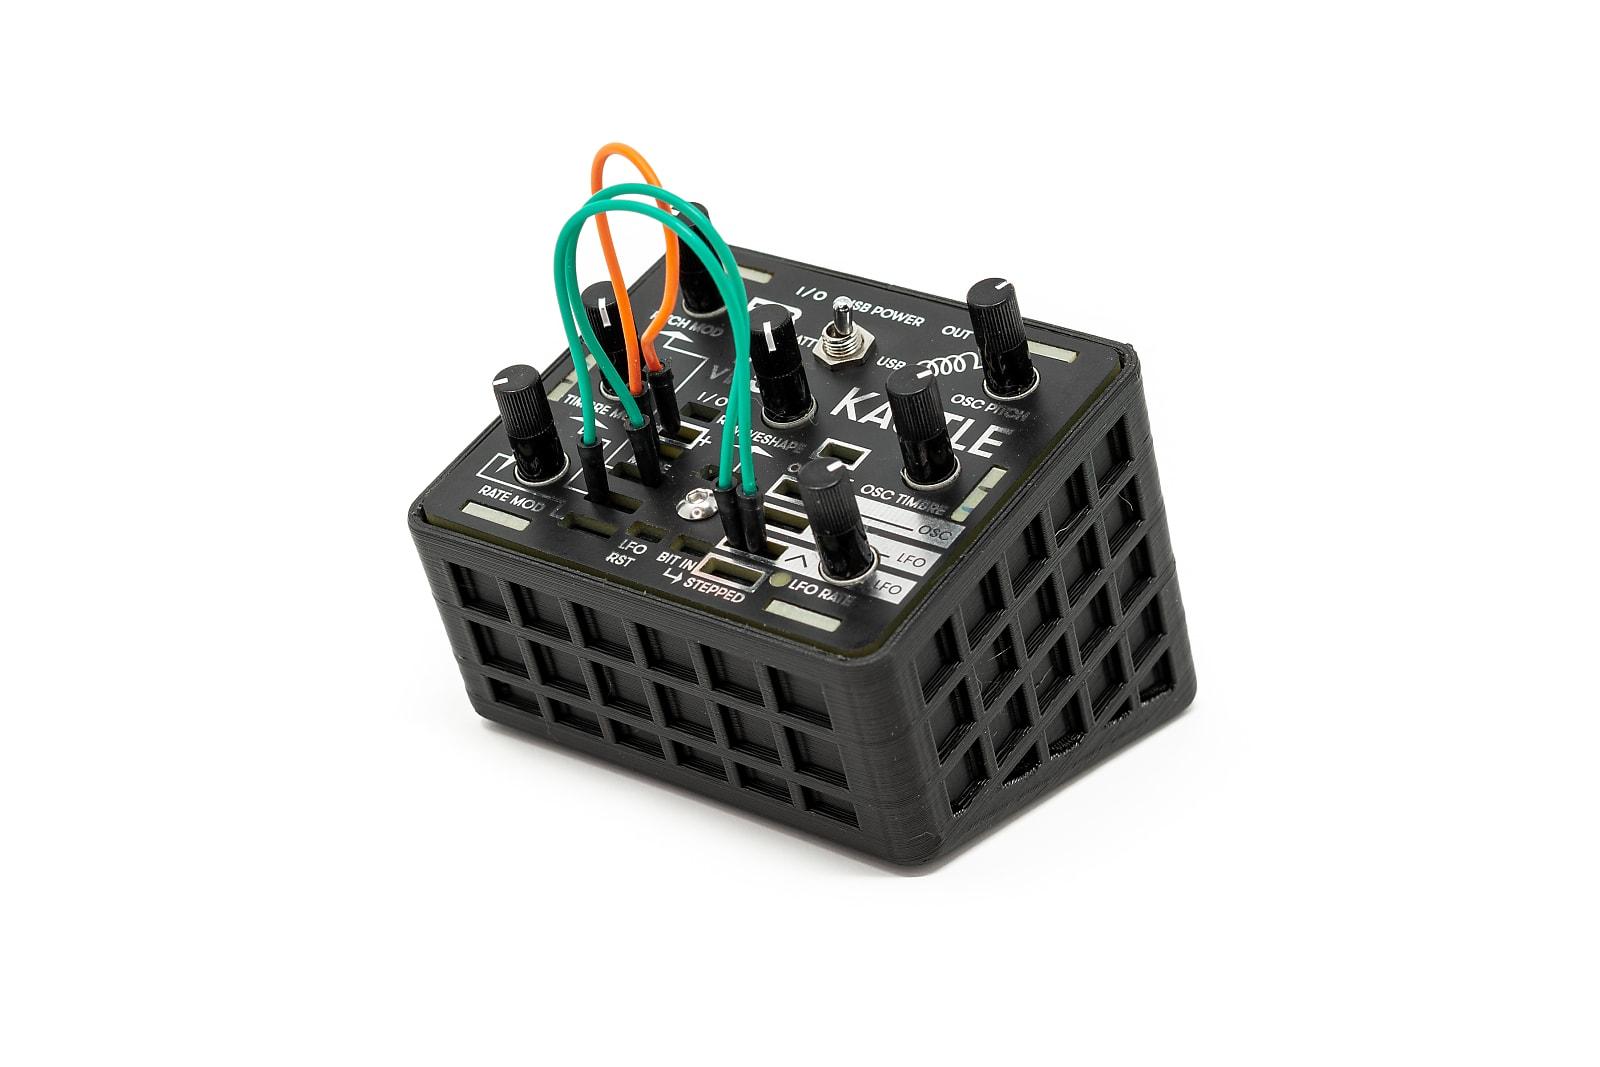 3DWaves BK Stands For The Bastl Instruments Kastle v1.5 Mini Modular Synthesizer